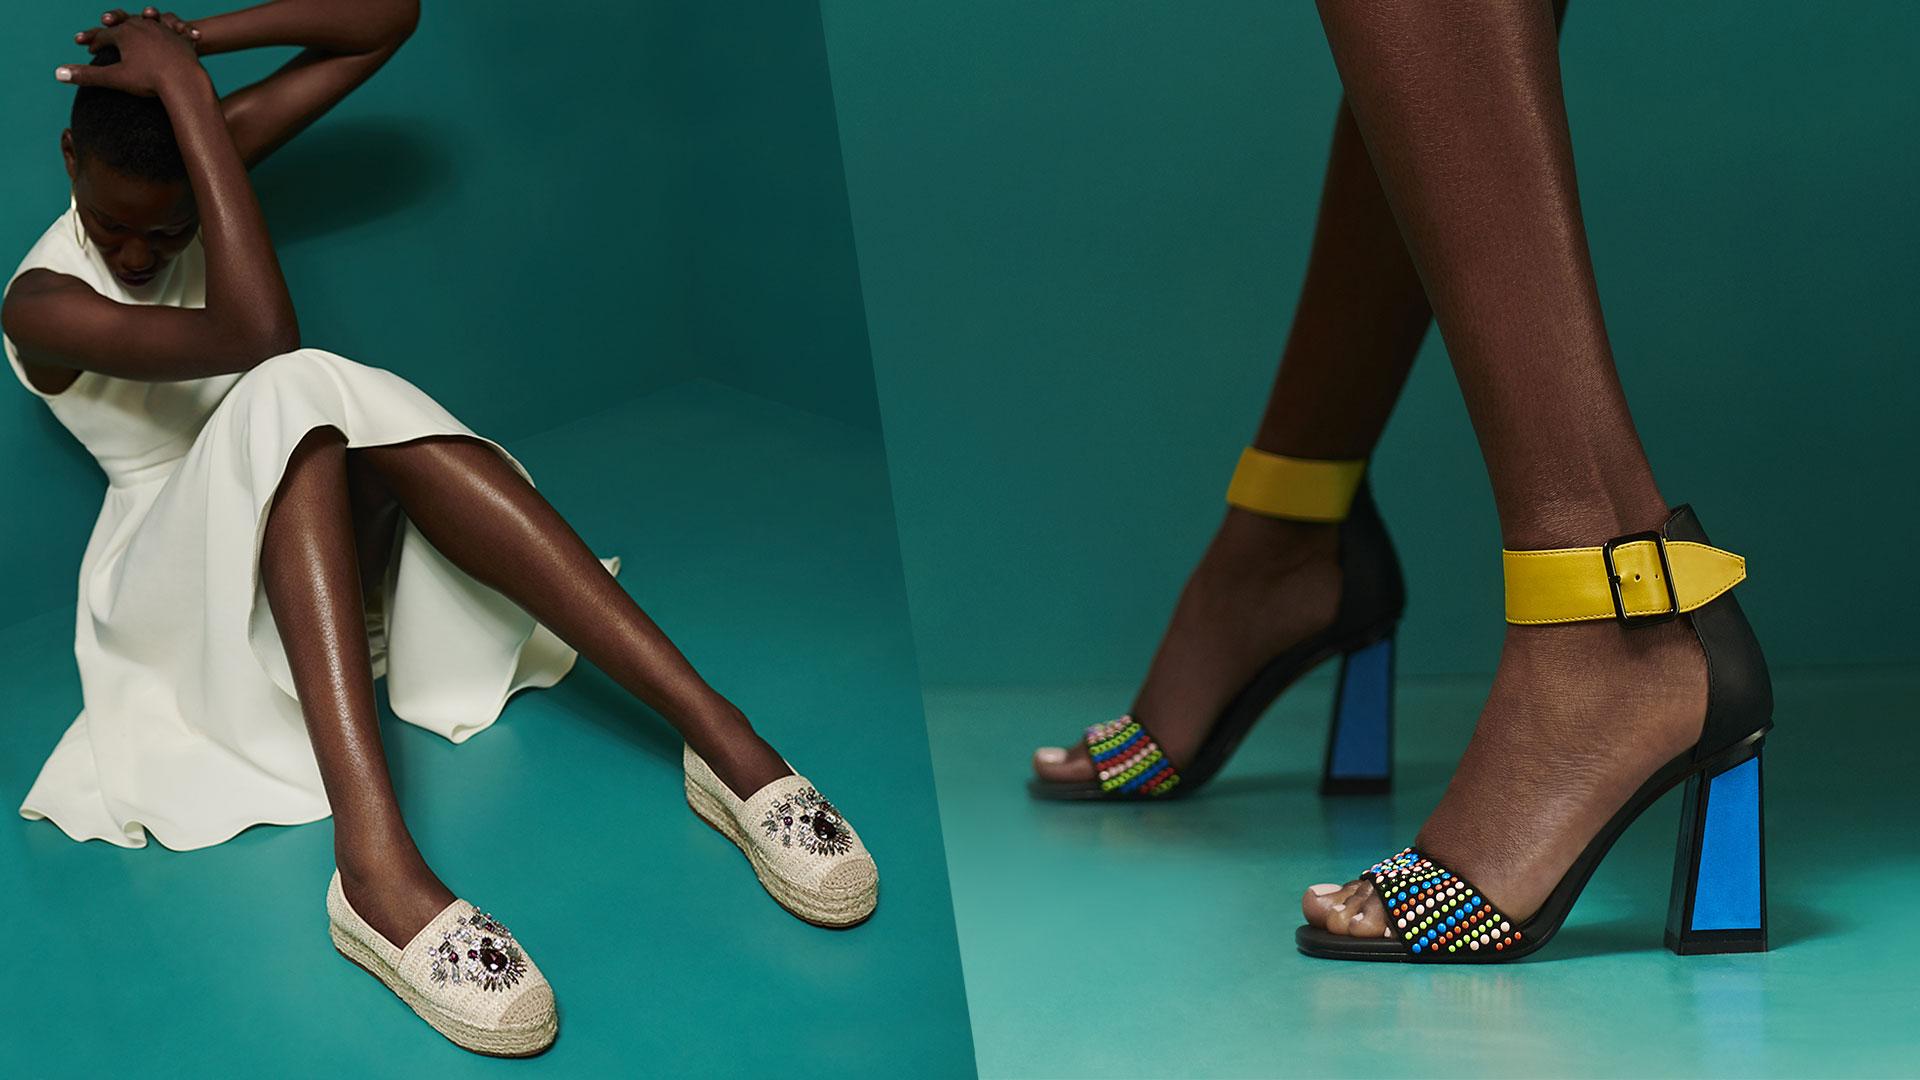 f70f1fe1fa5f Tienda de zapatos de mujer online Exe Shoes - Comprar zapatos online